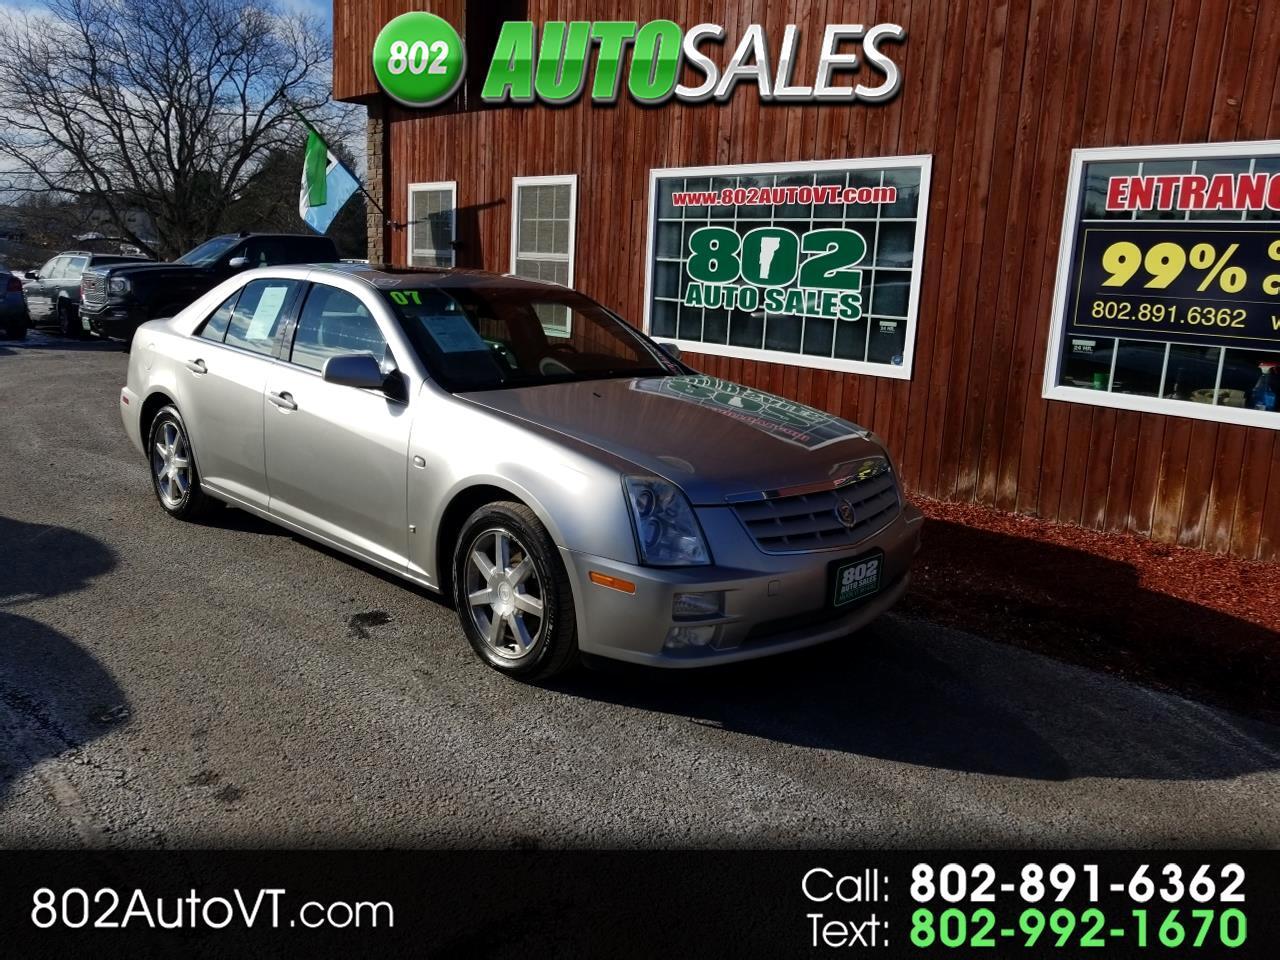 2007 Cadillac STS 4dr Sdn V6